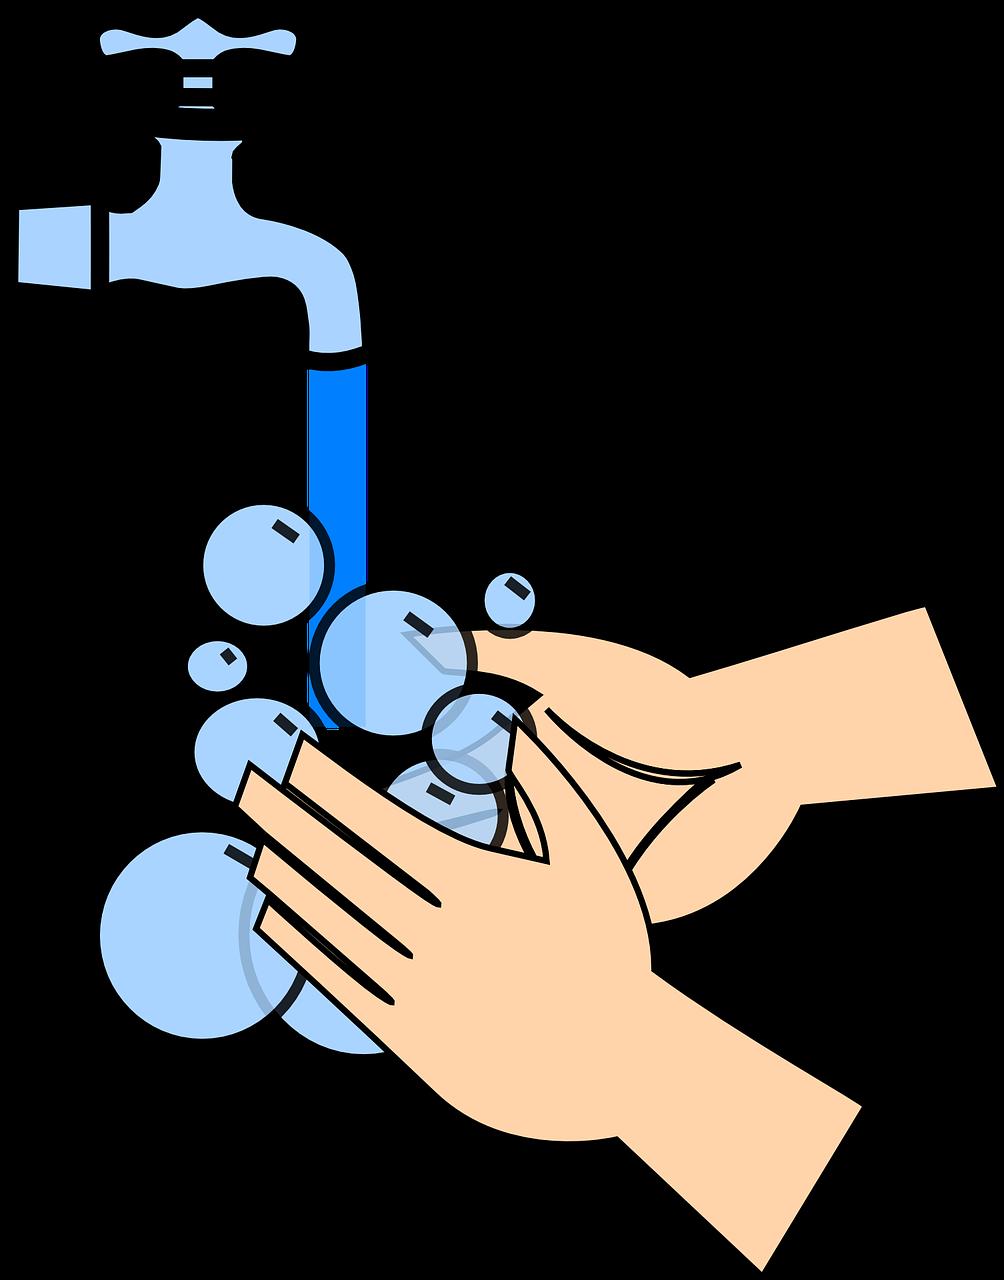 haendewaschen-hygiene-sauberkeit